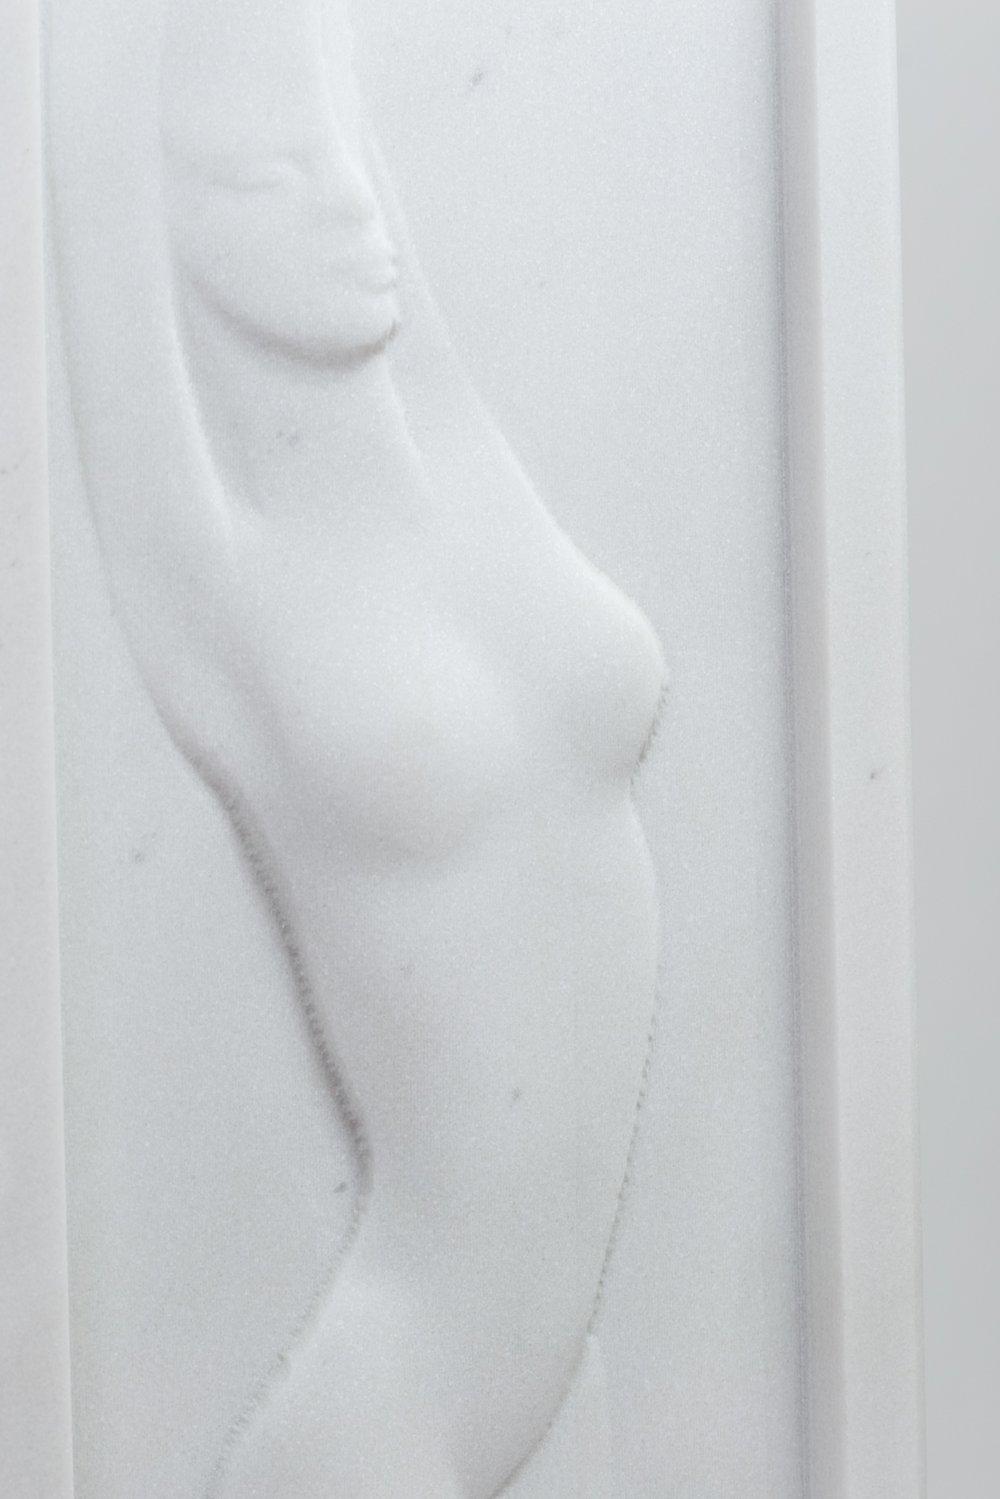 Bassorilievo figura stilizzata in marmo bianco statuario